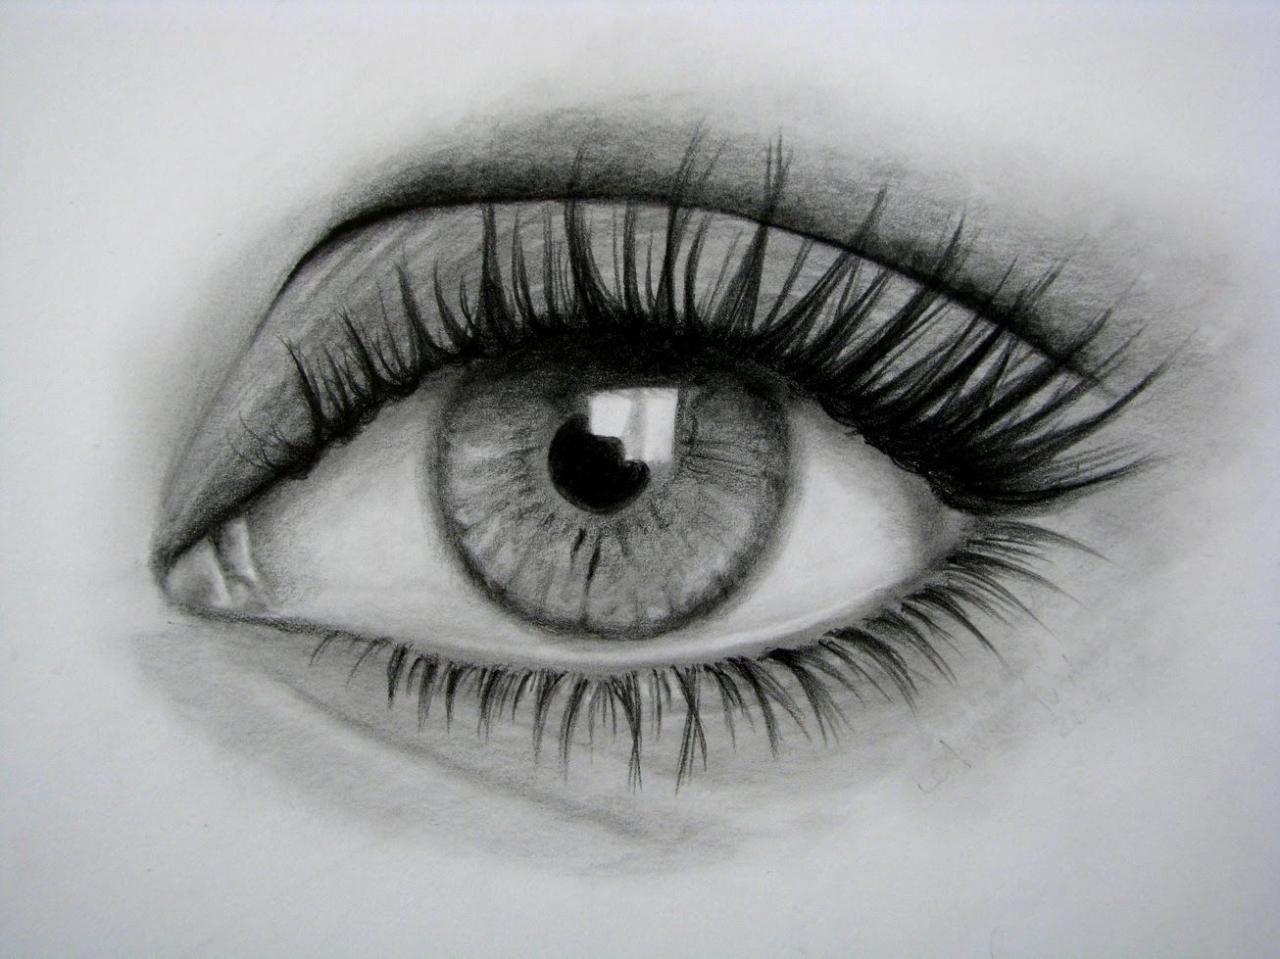 Cómo dibujar un ojo realista y PESTAÑAS!! Paso a Paso  Ojos dibujados a  lapiz  Dibujos de ojos  Como dibujar ojos, dibujos de Ojos A Lápiz, como dibujar Ojos A Lápiz paso a paso